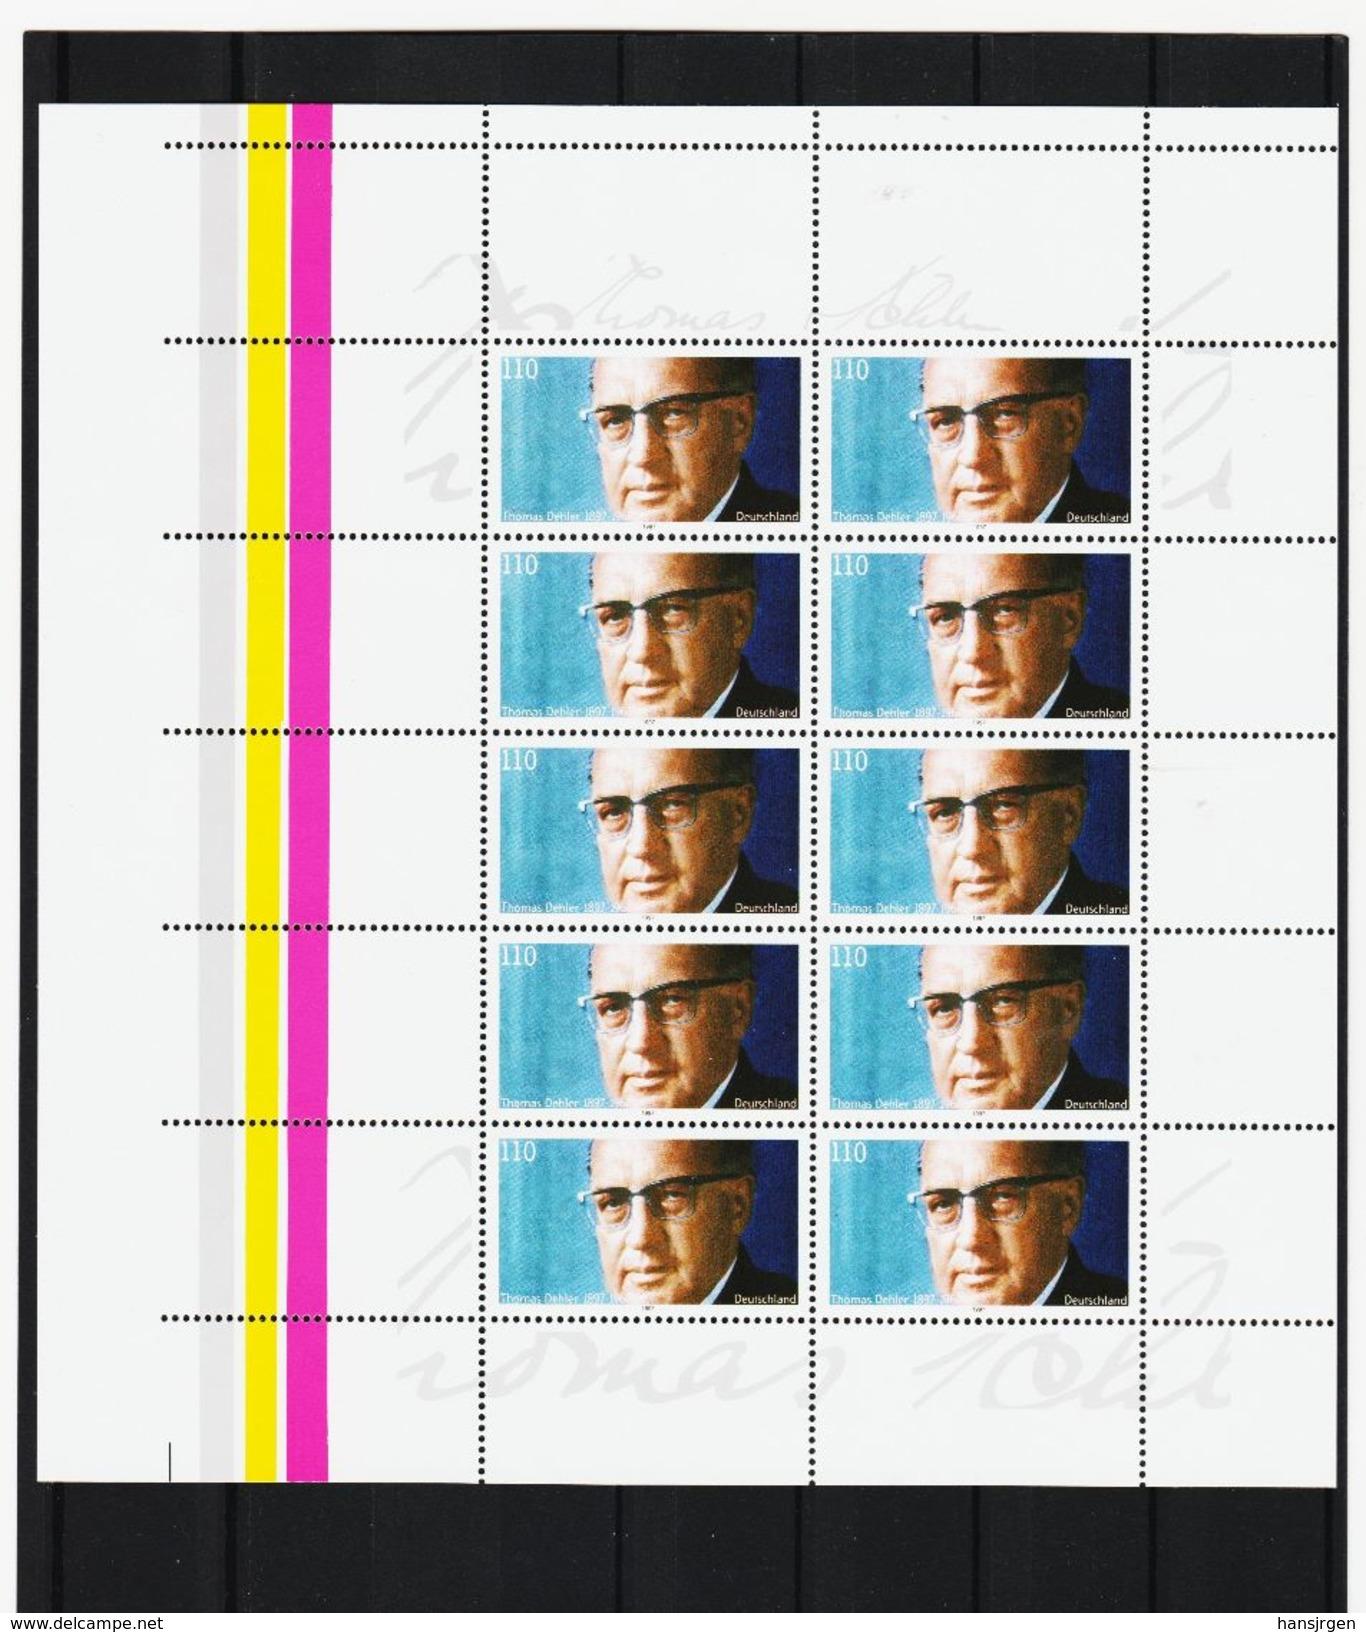 FCC775 BRD 1997 DEUTSCHLAND GROSSRARITÄT Michl 1963 4 X ABART Mit LEERFELF KATALOG 1000,00 € ** Postfrisch - Abarten